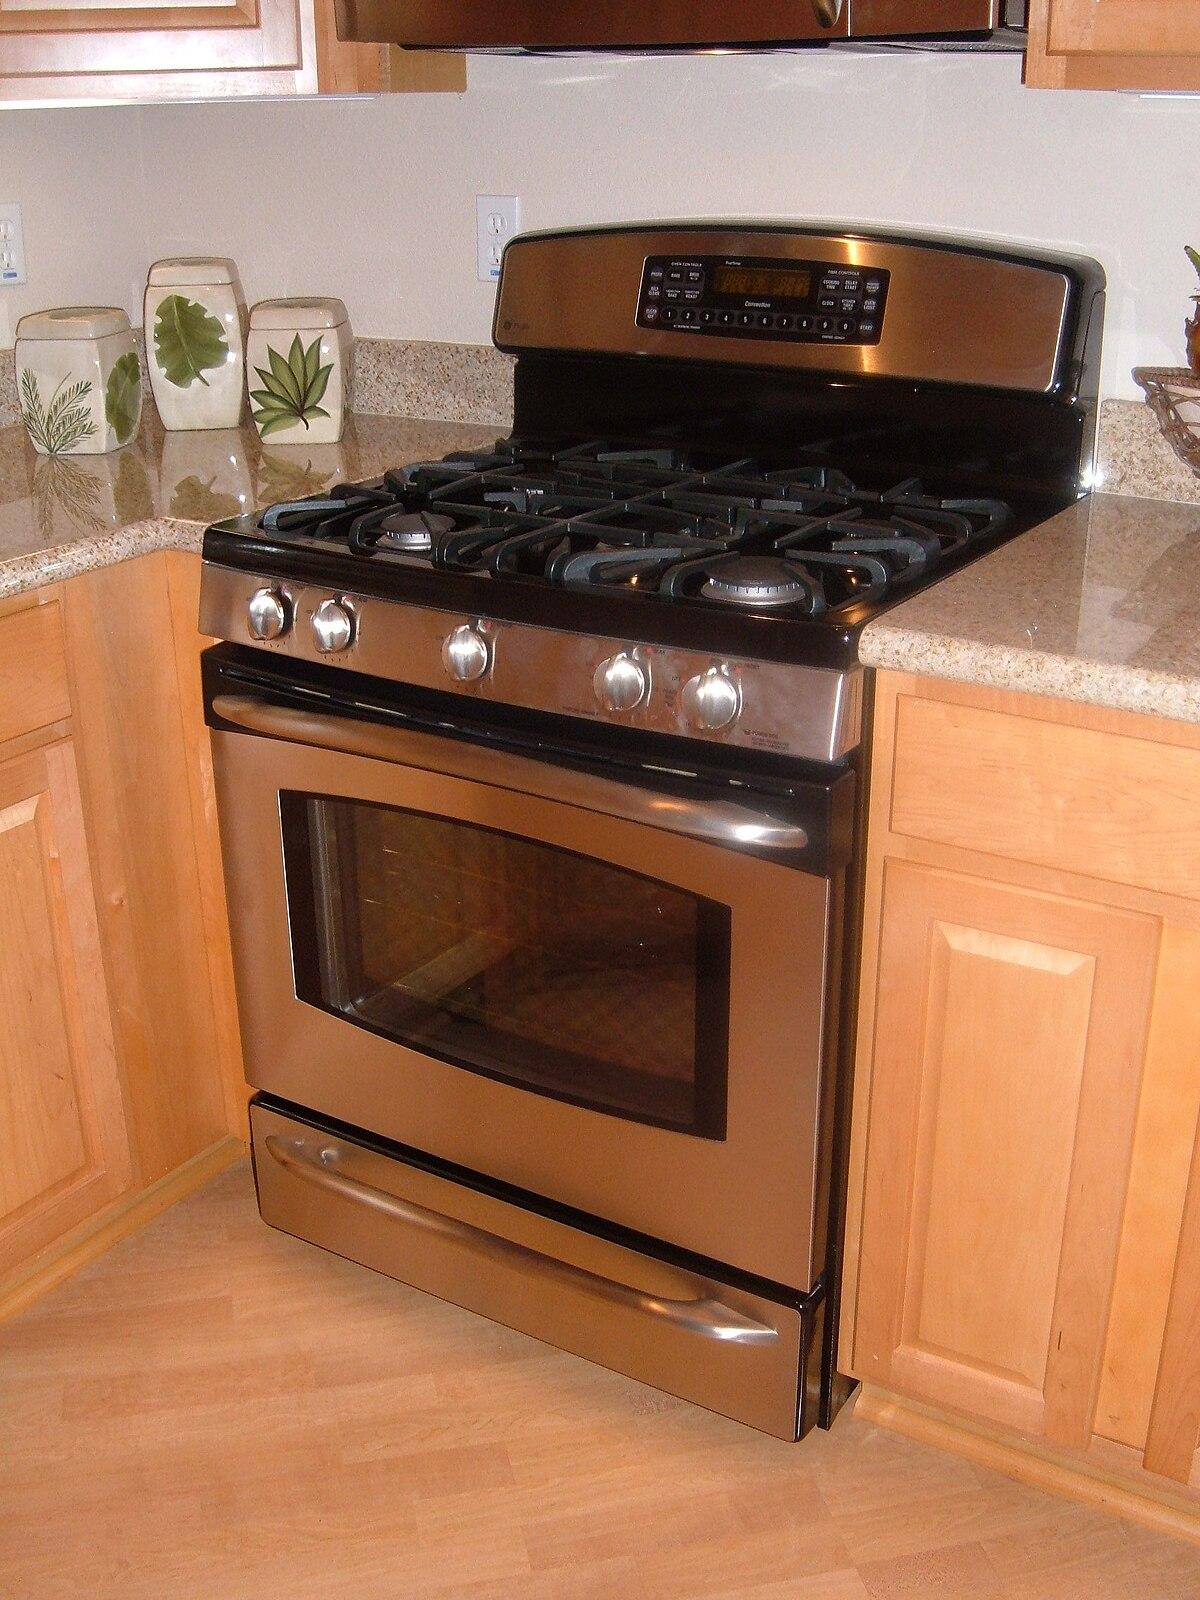 Cucina elettrodomestico  Wikipedia